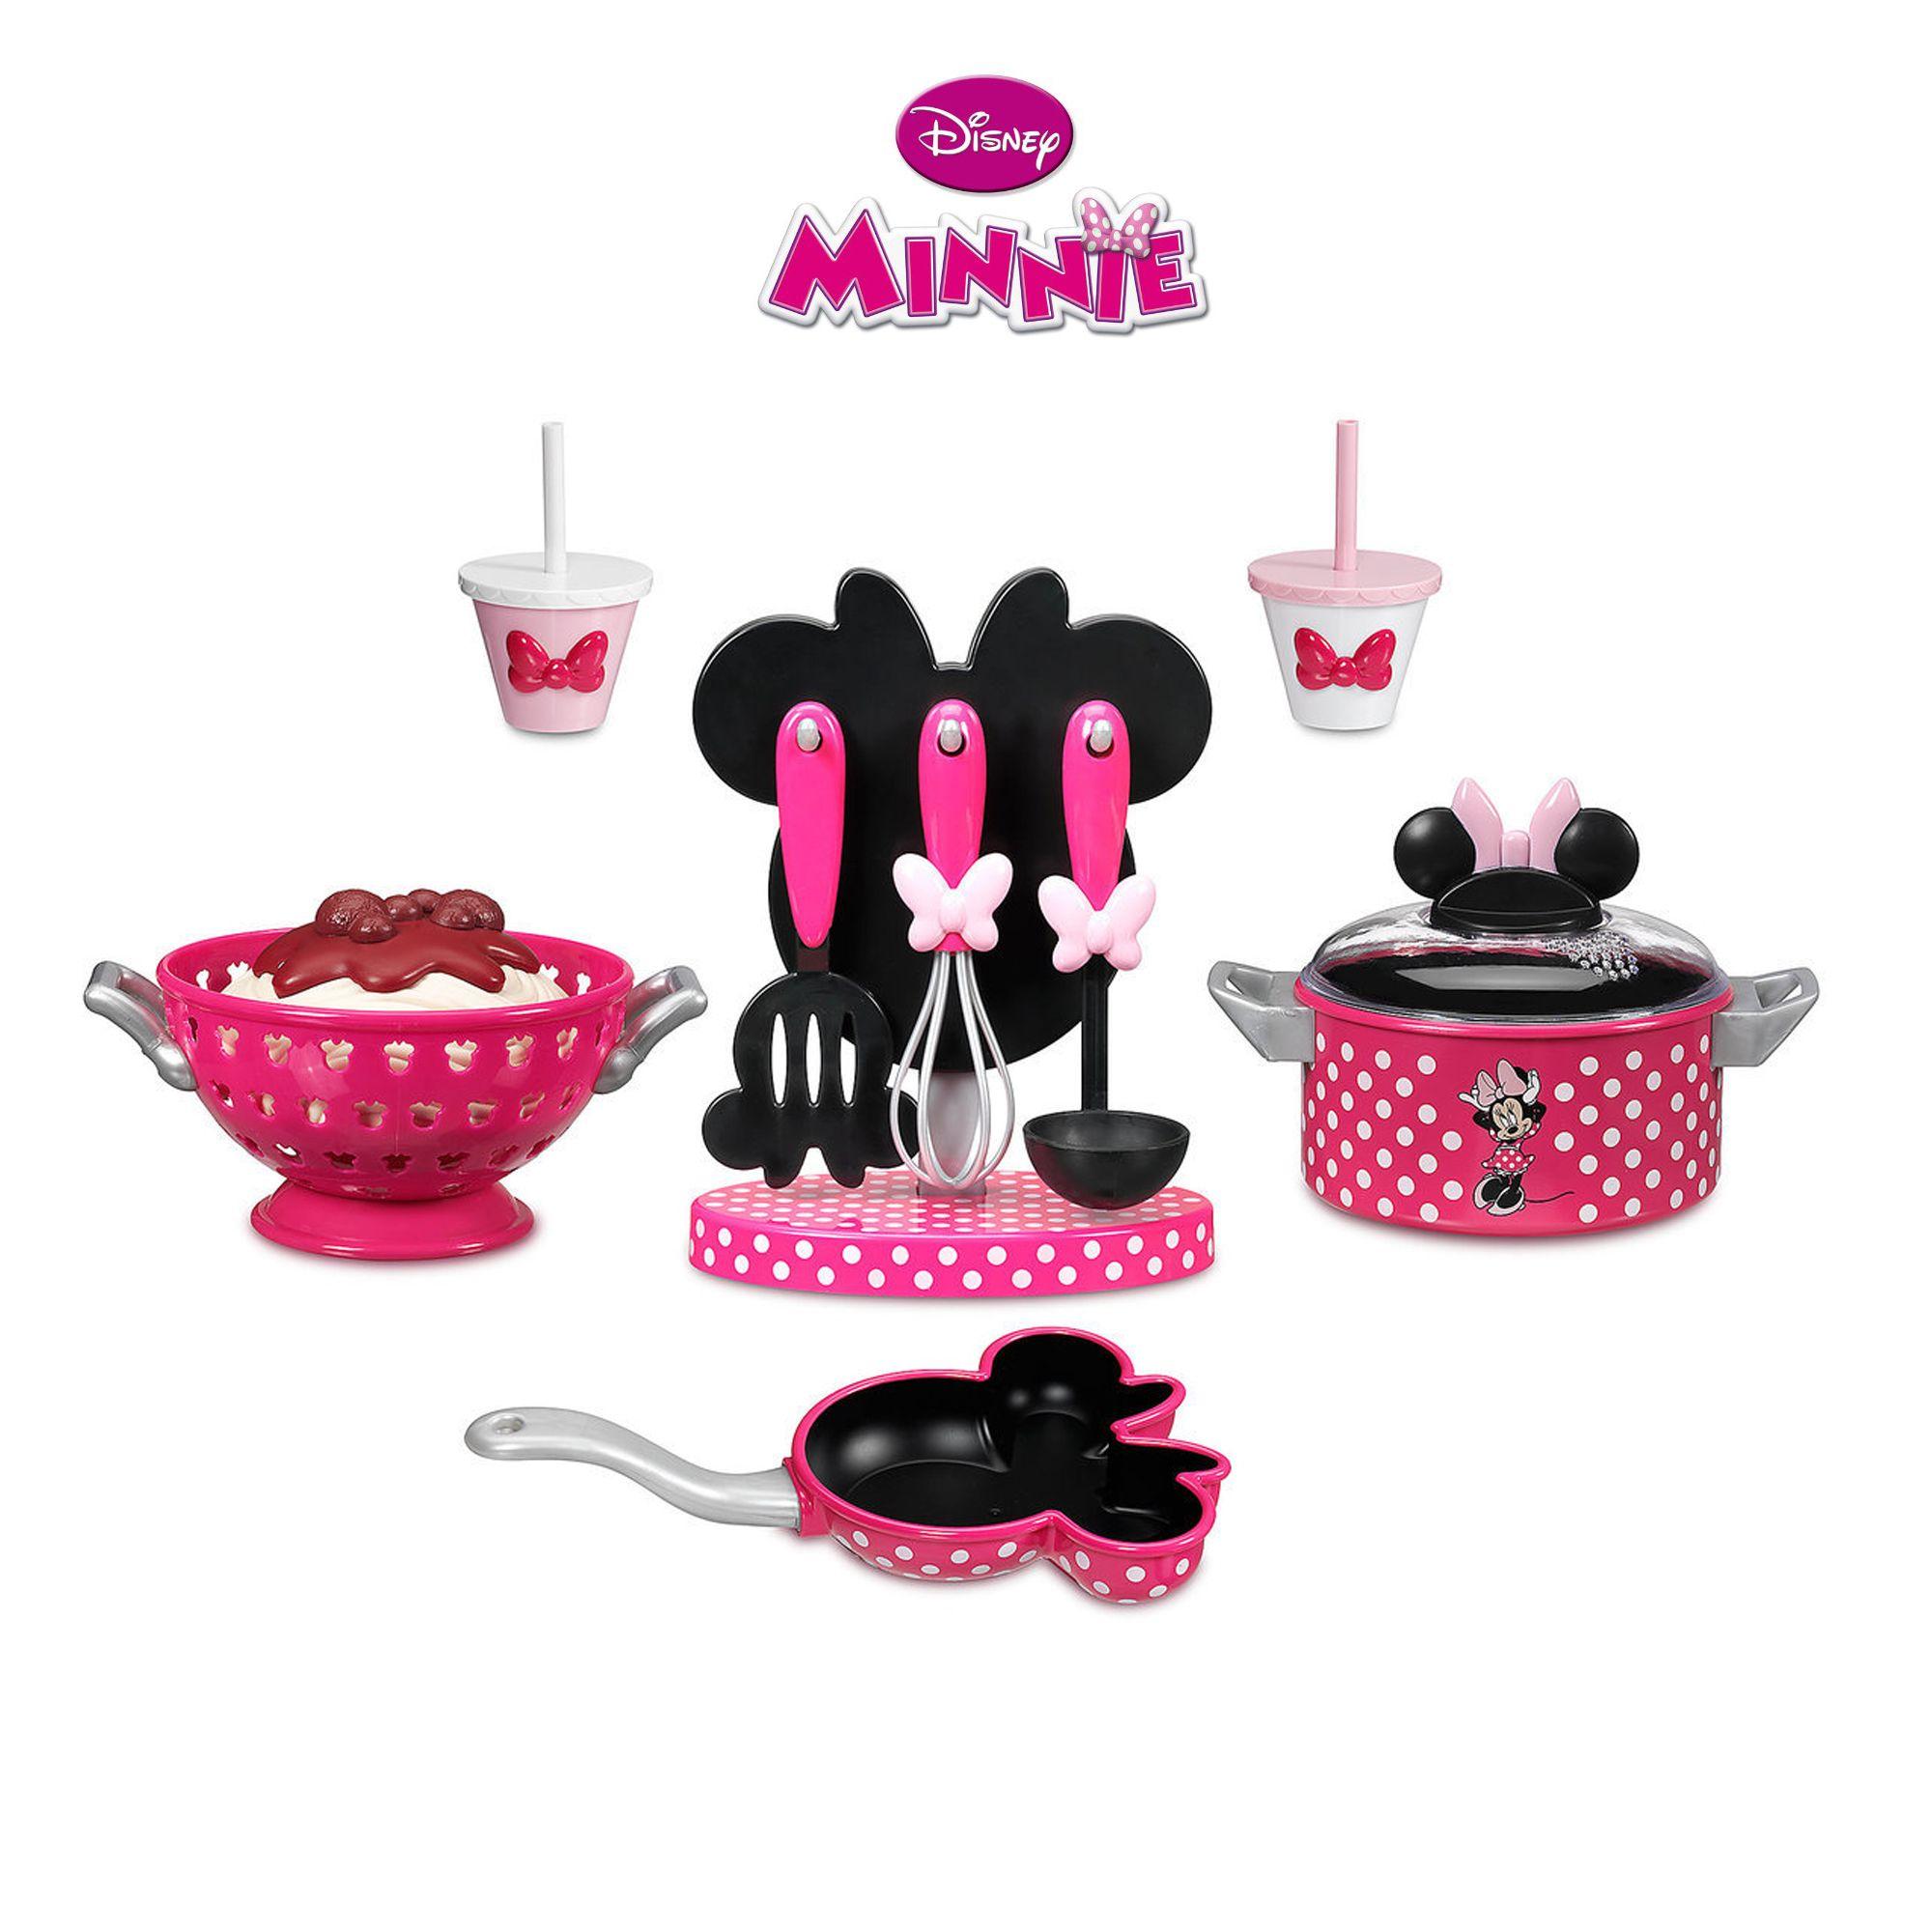 Minnie Mouse Juego De Cocina Marca Disney Minnie Mouse Juego De